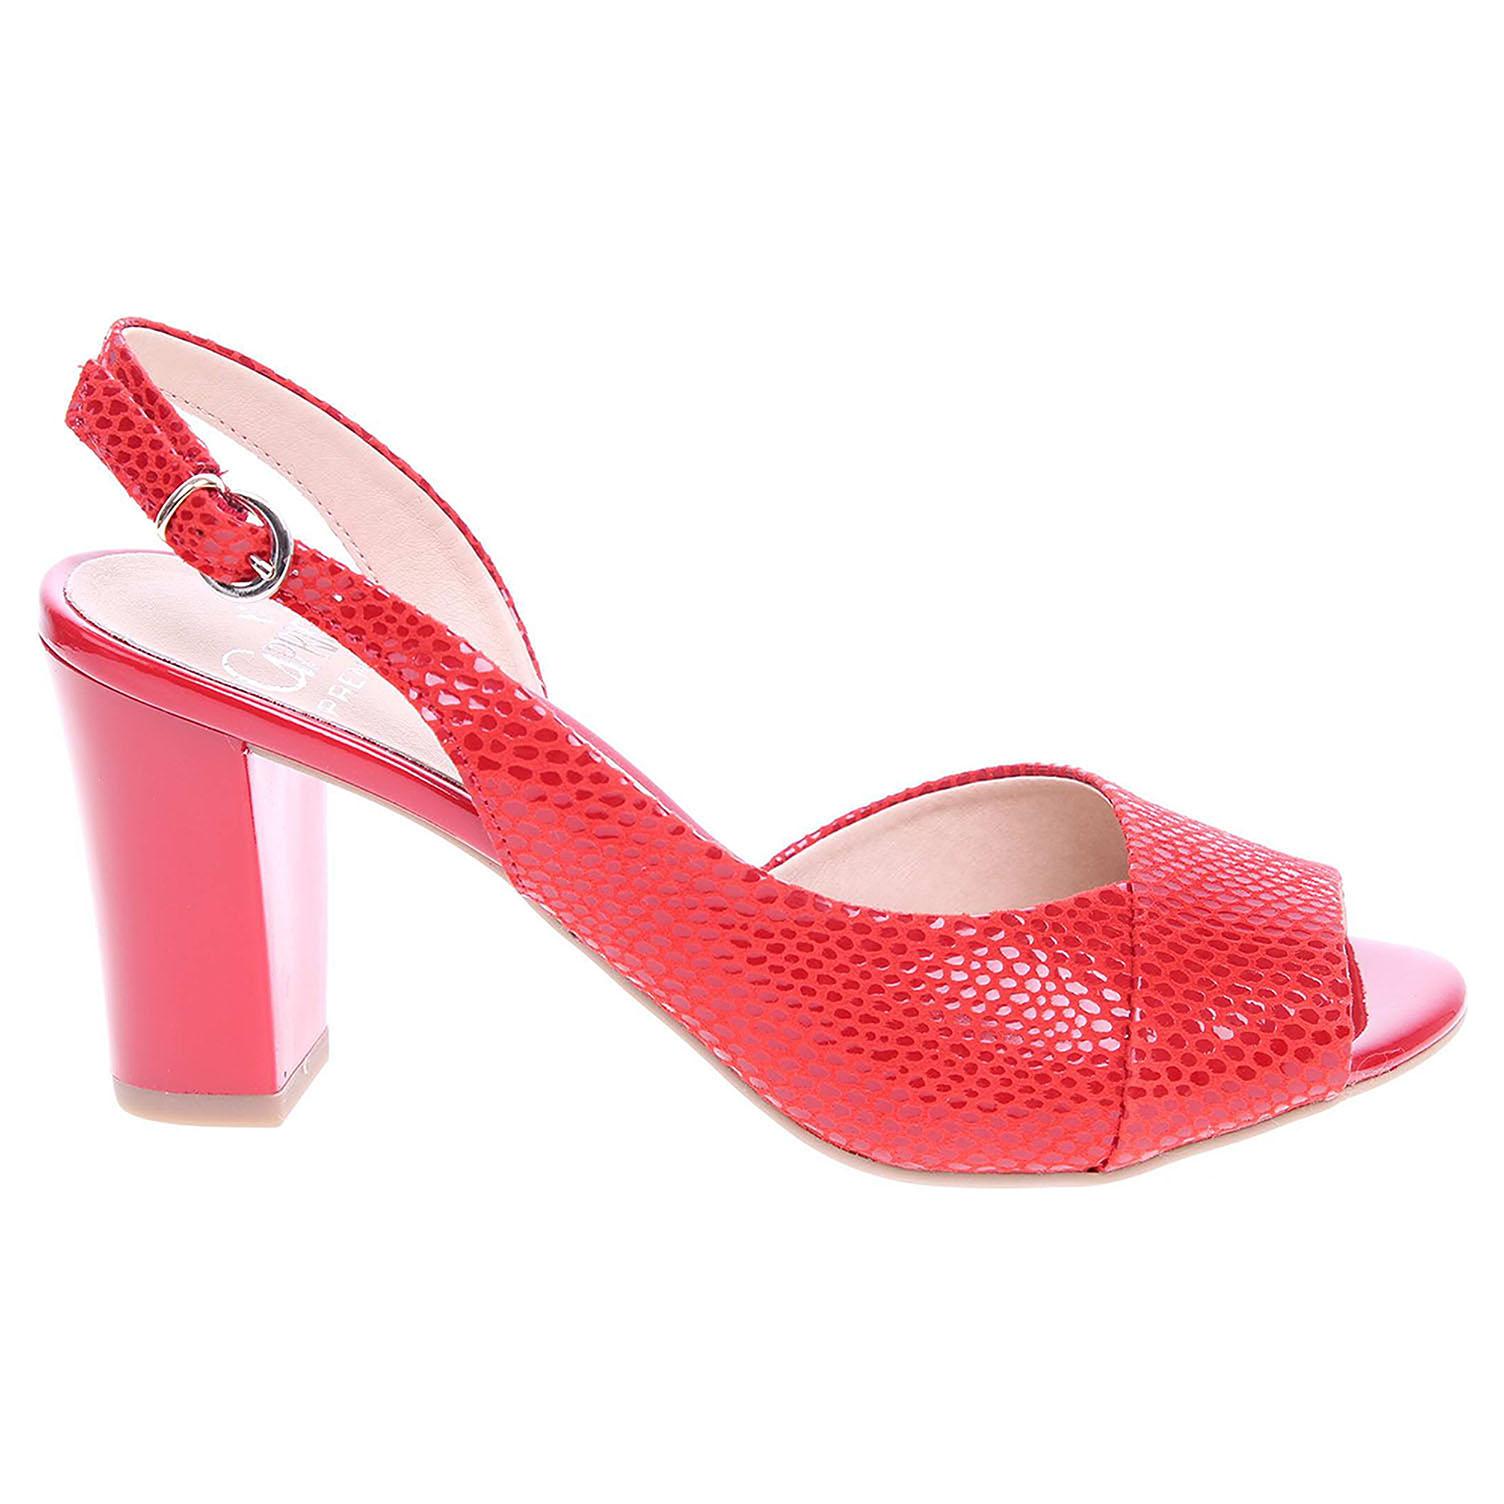 Ecco Caprice dámské sandály 9-28304-28 červené 23801167